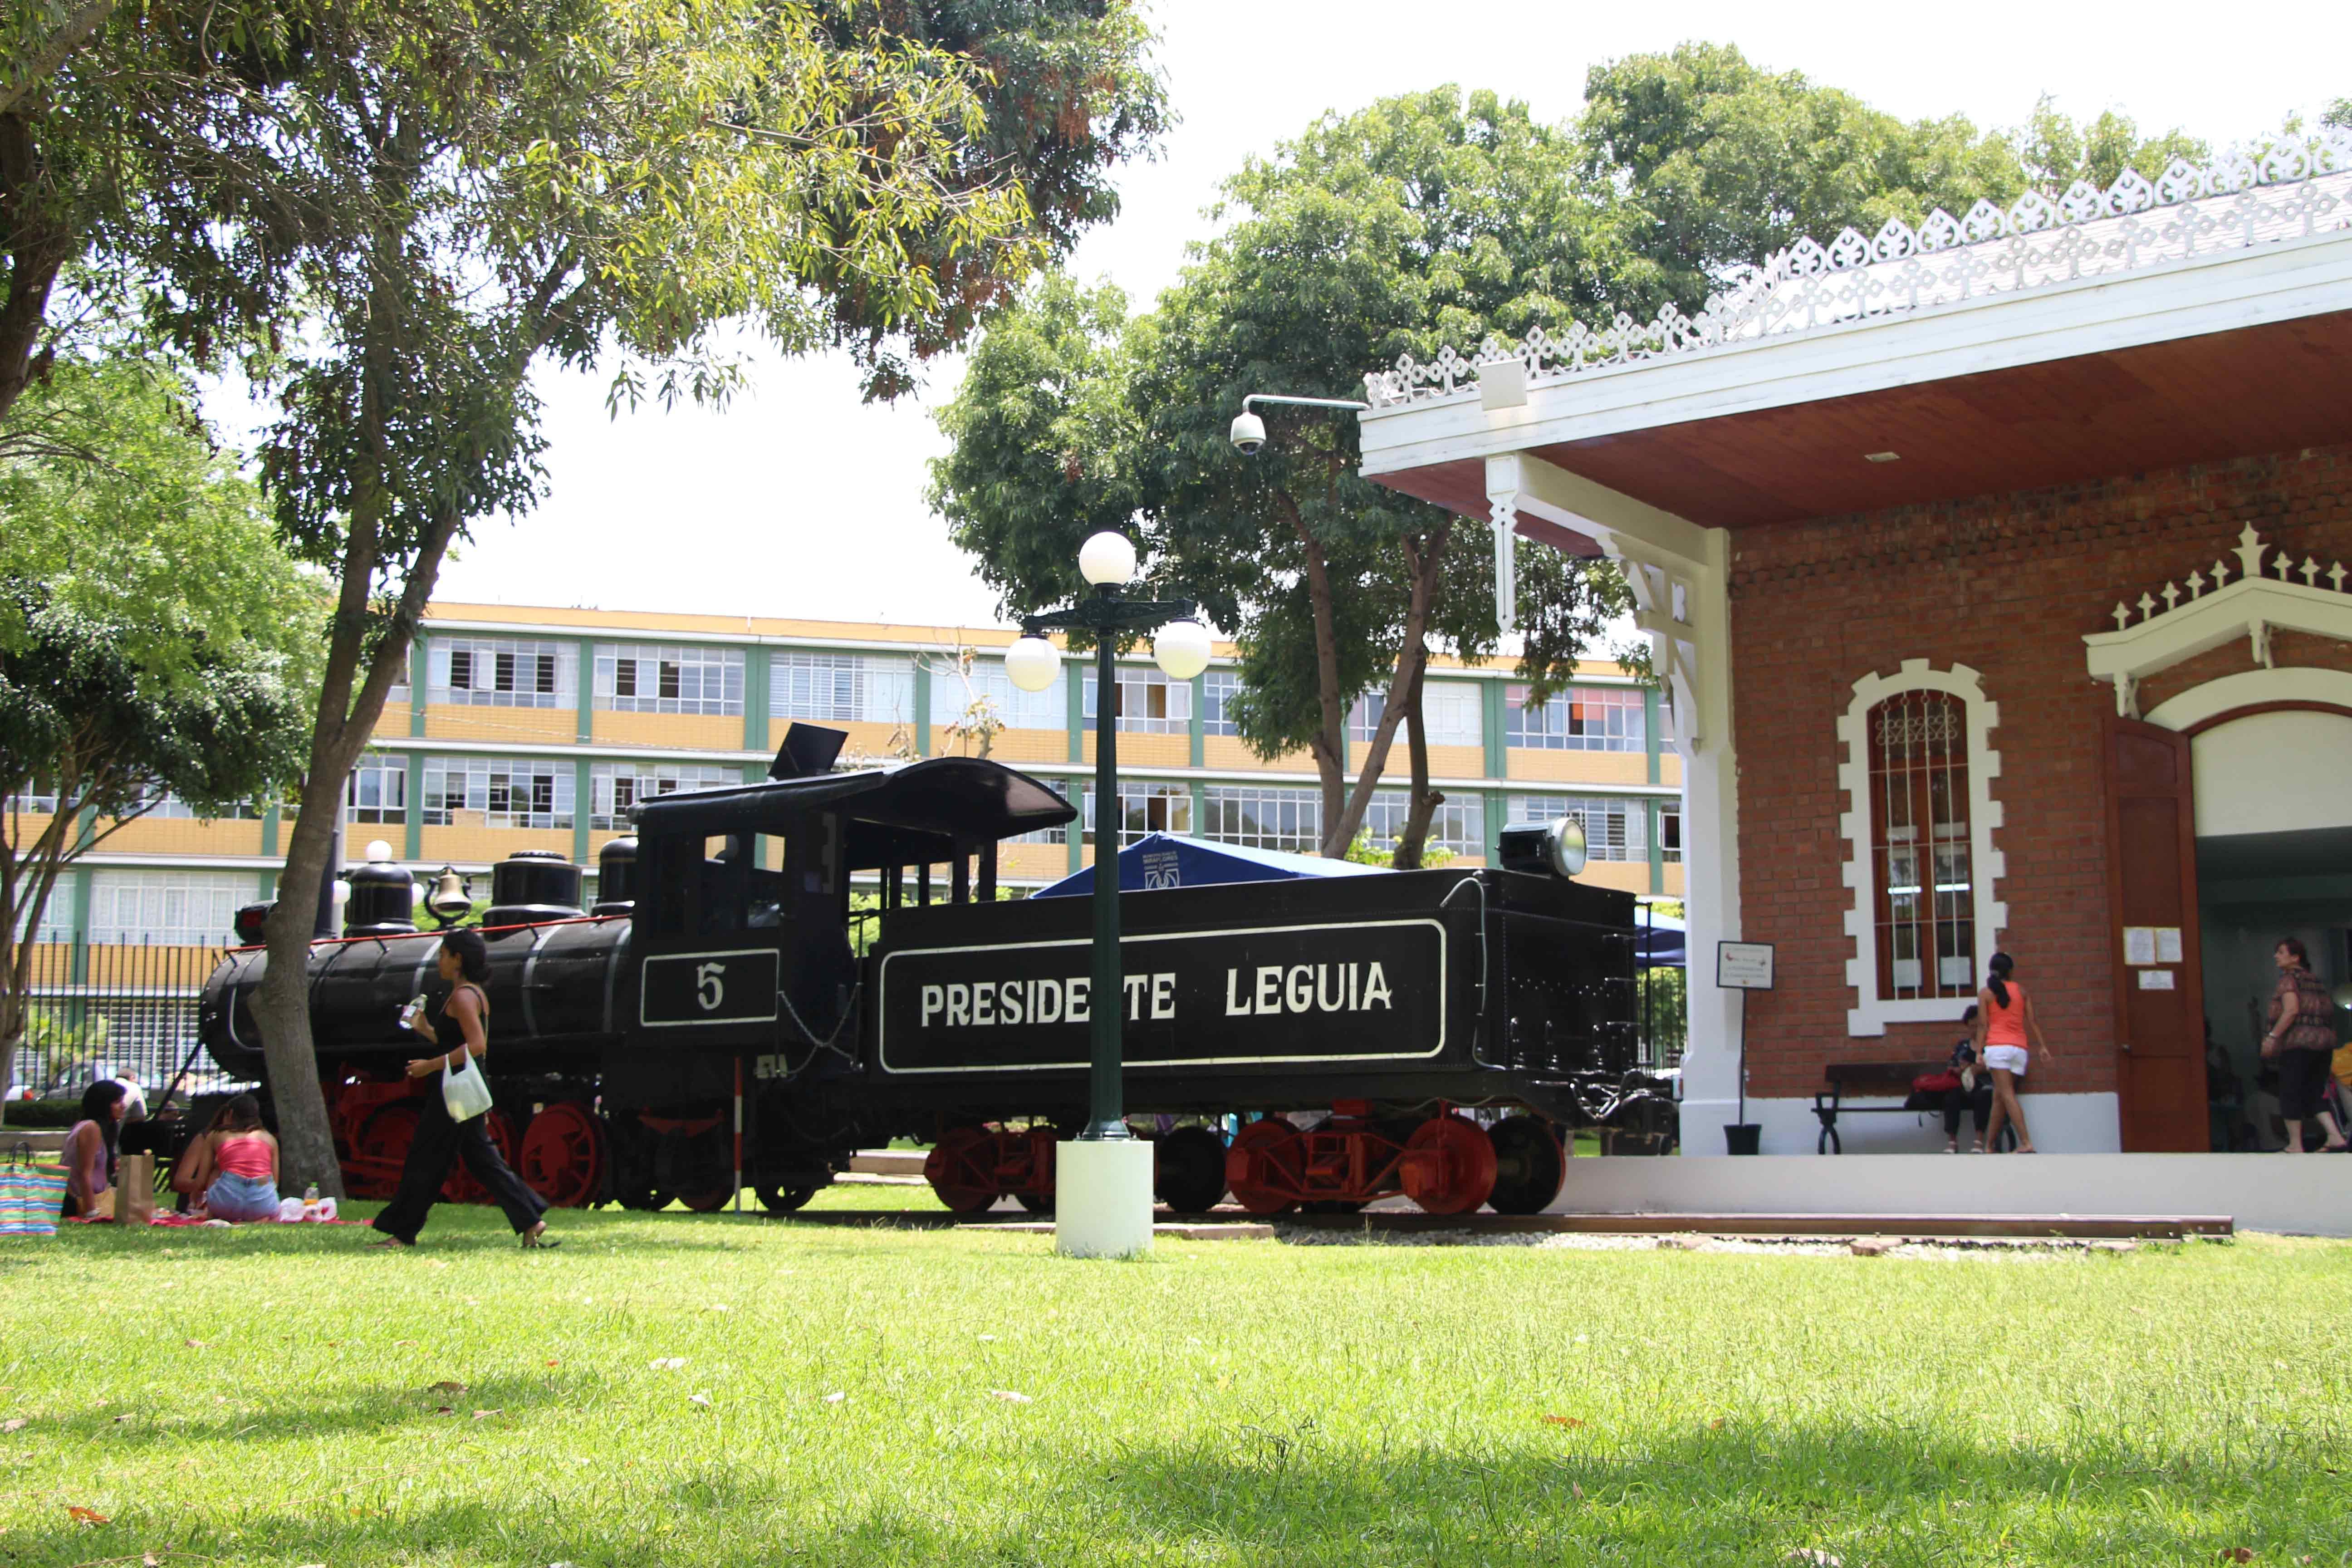 Antiga Estação Ferroviaria do Parque Reducto em Miraflores.